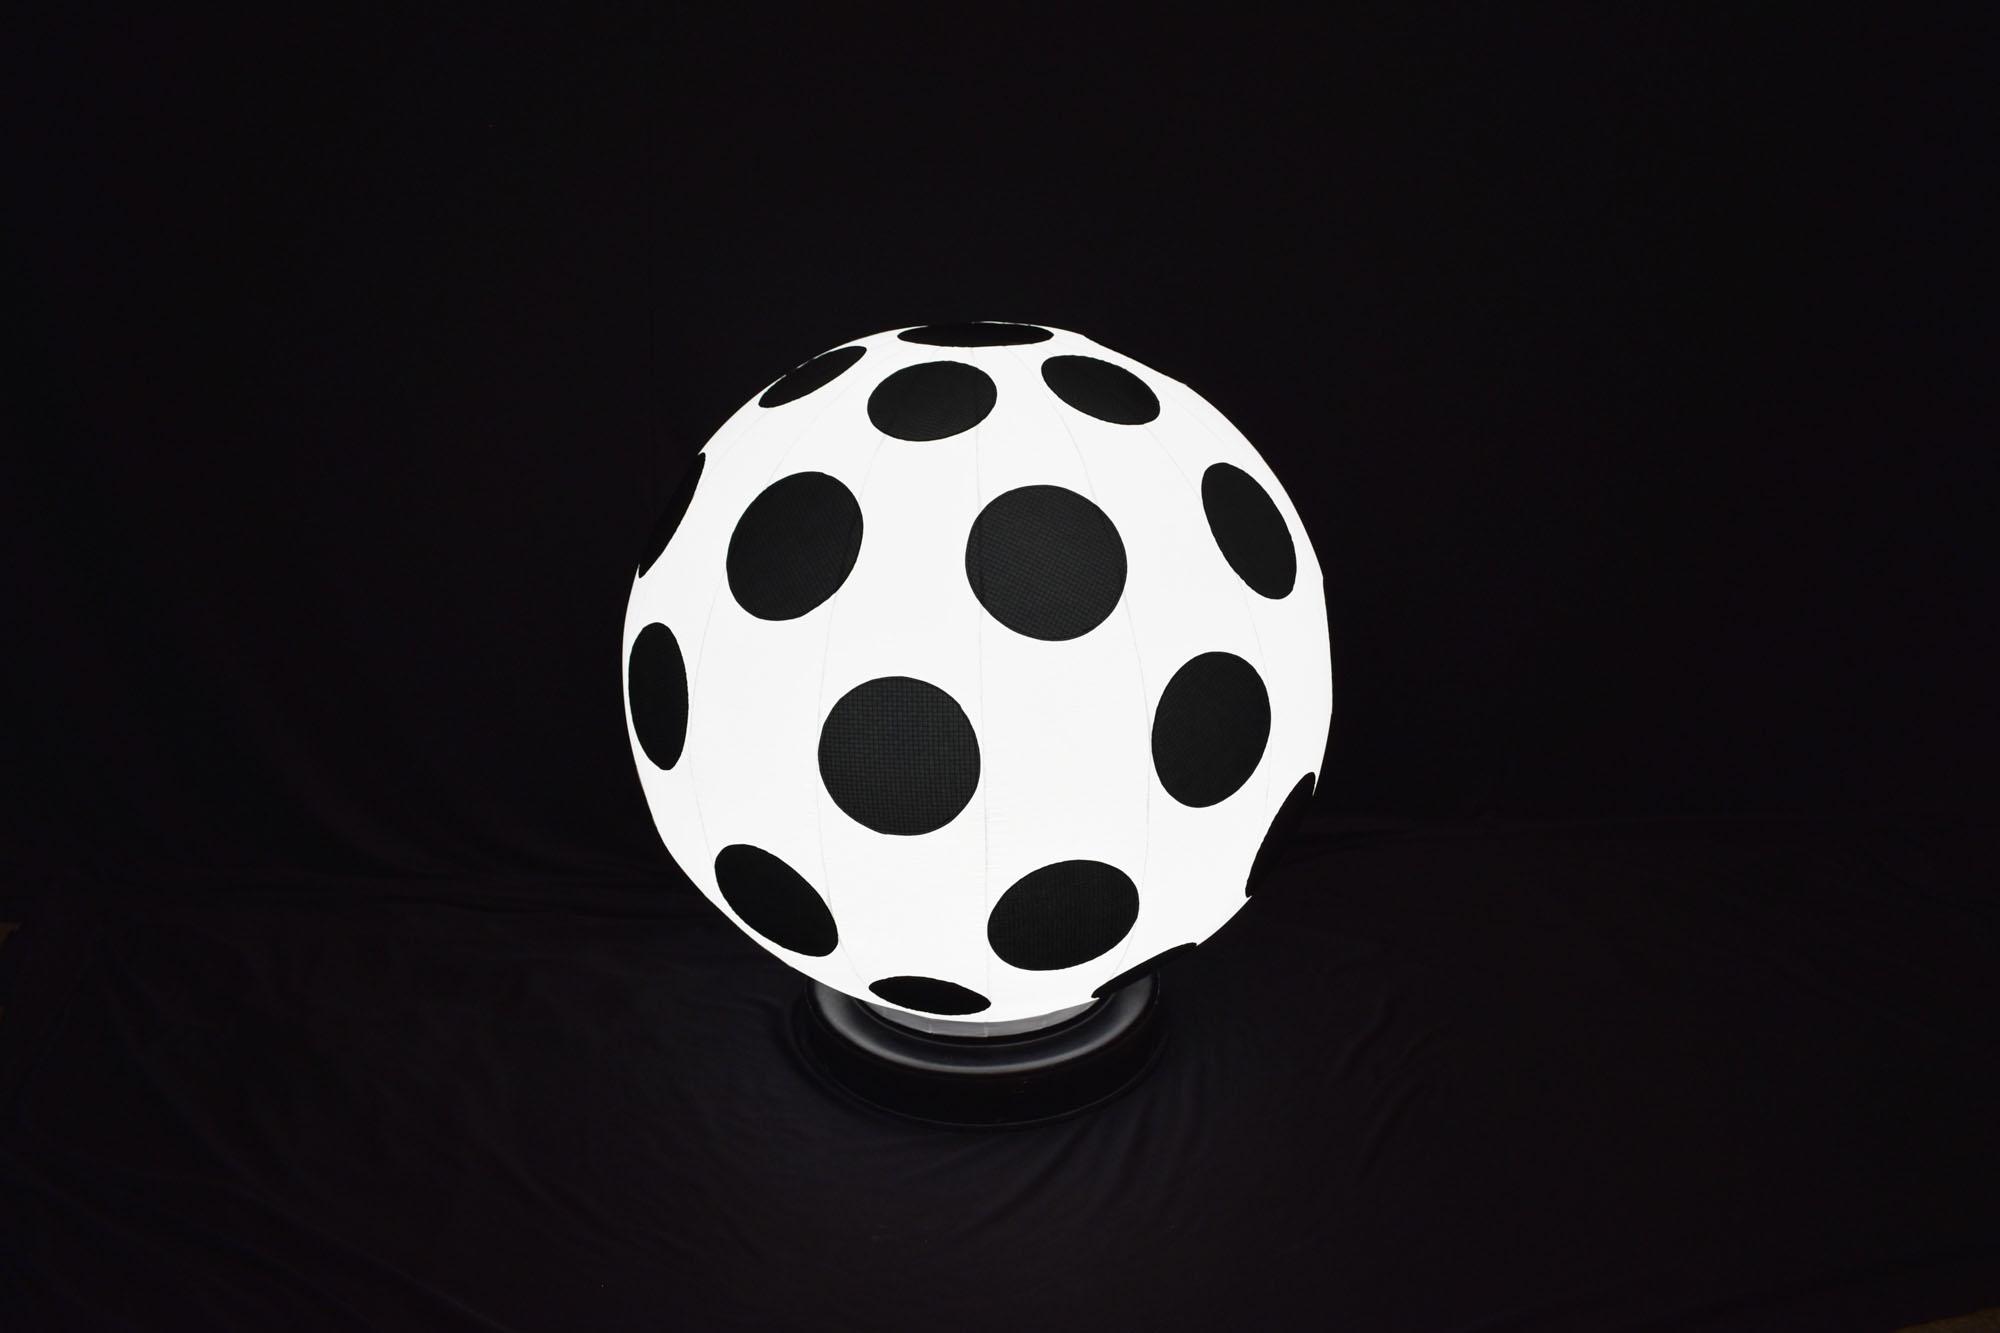 3-Sphere-Dotz--uai-2880x1920.jpg